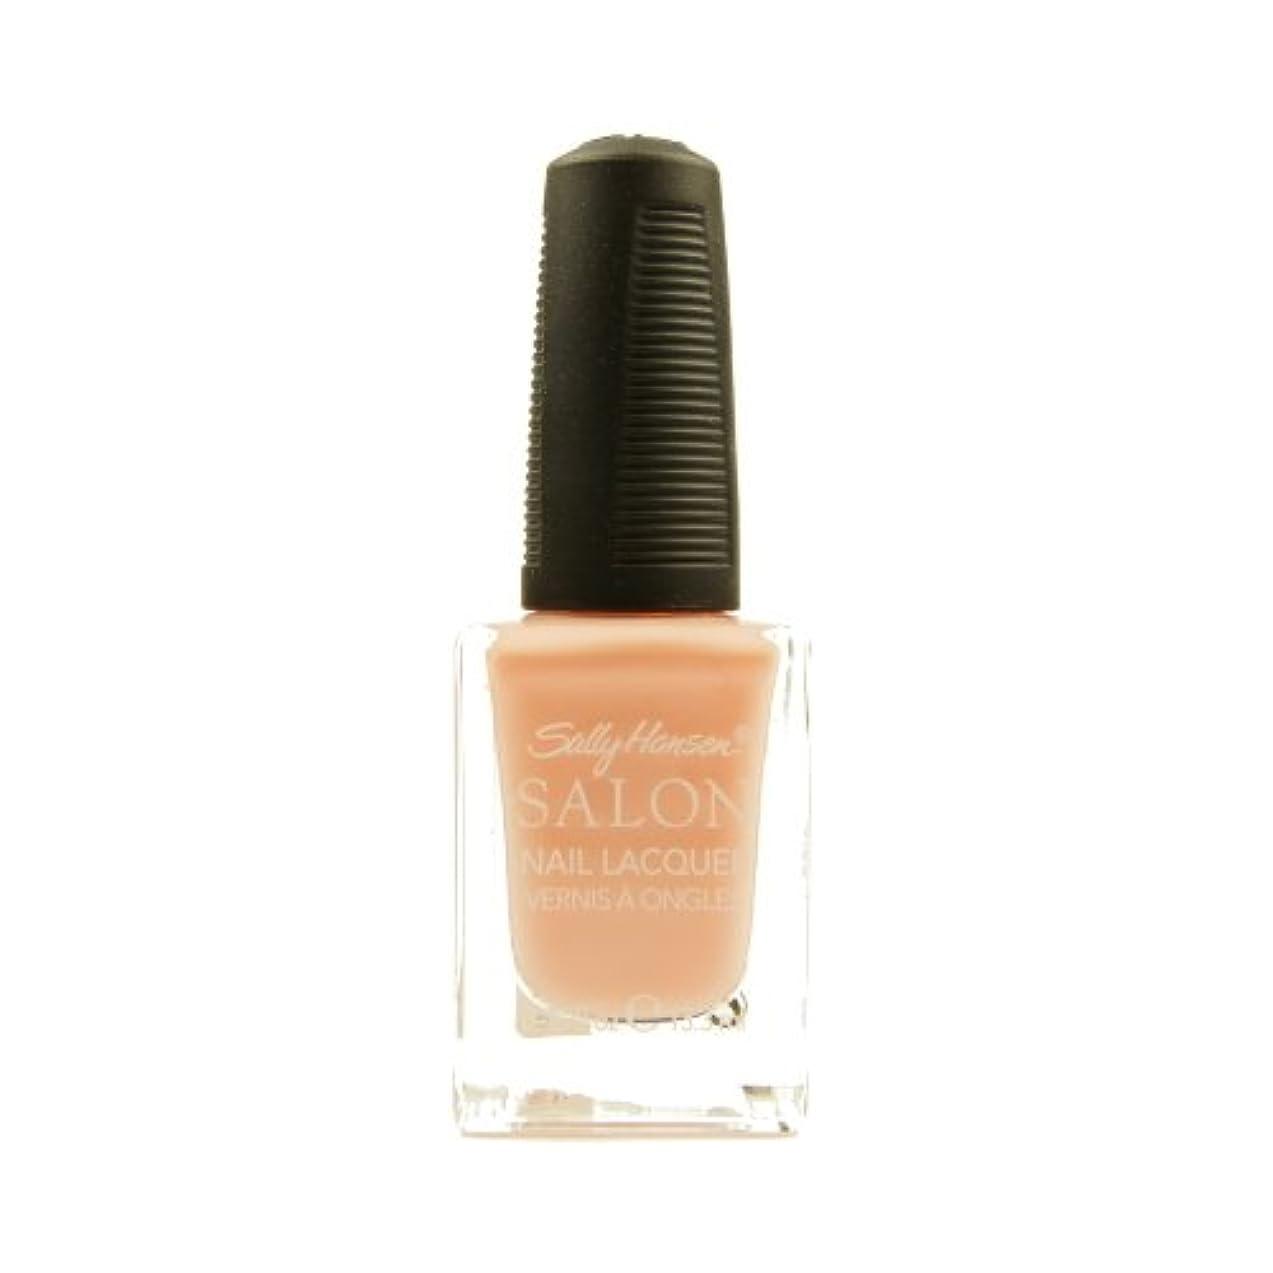 覚醒残酷な光景(3 Pack) SALLY HANSEN Salon Nail Lacquer 4134 - Pink About It (並行輸入品)